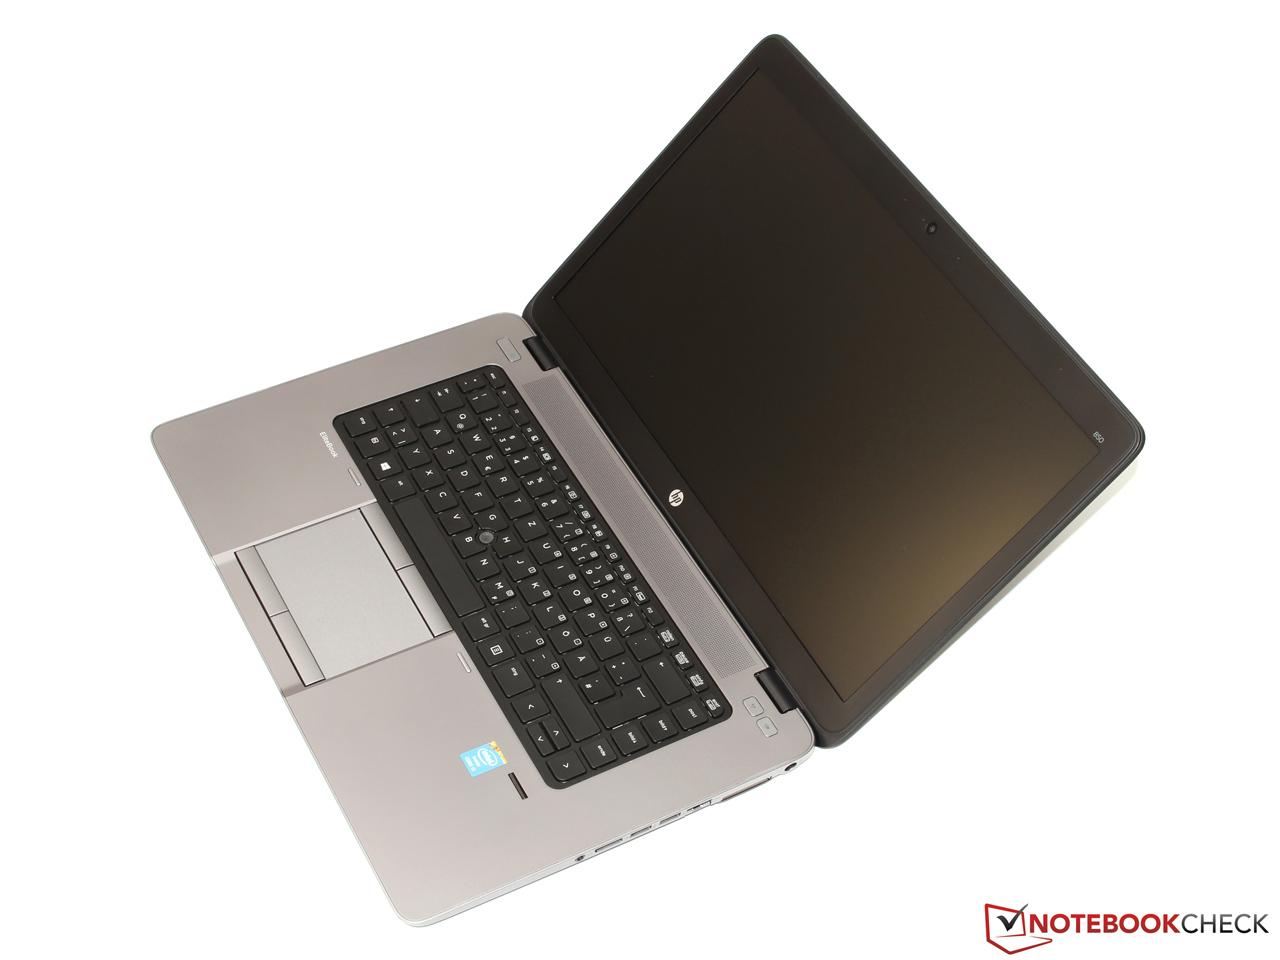 HP Pavilion dvcl Entertainment Notebook PC Windows Vista (bit) drivers